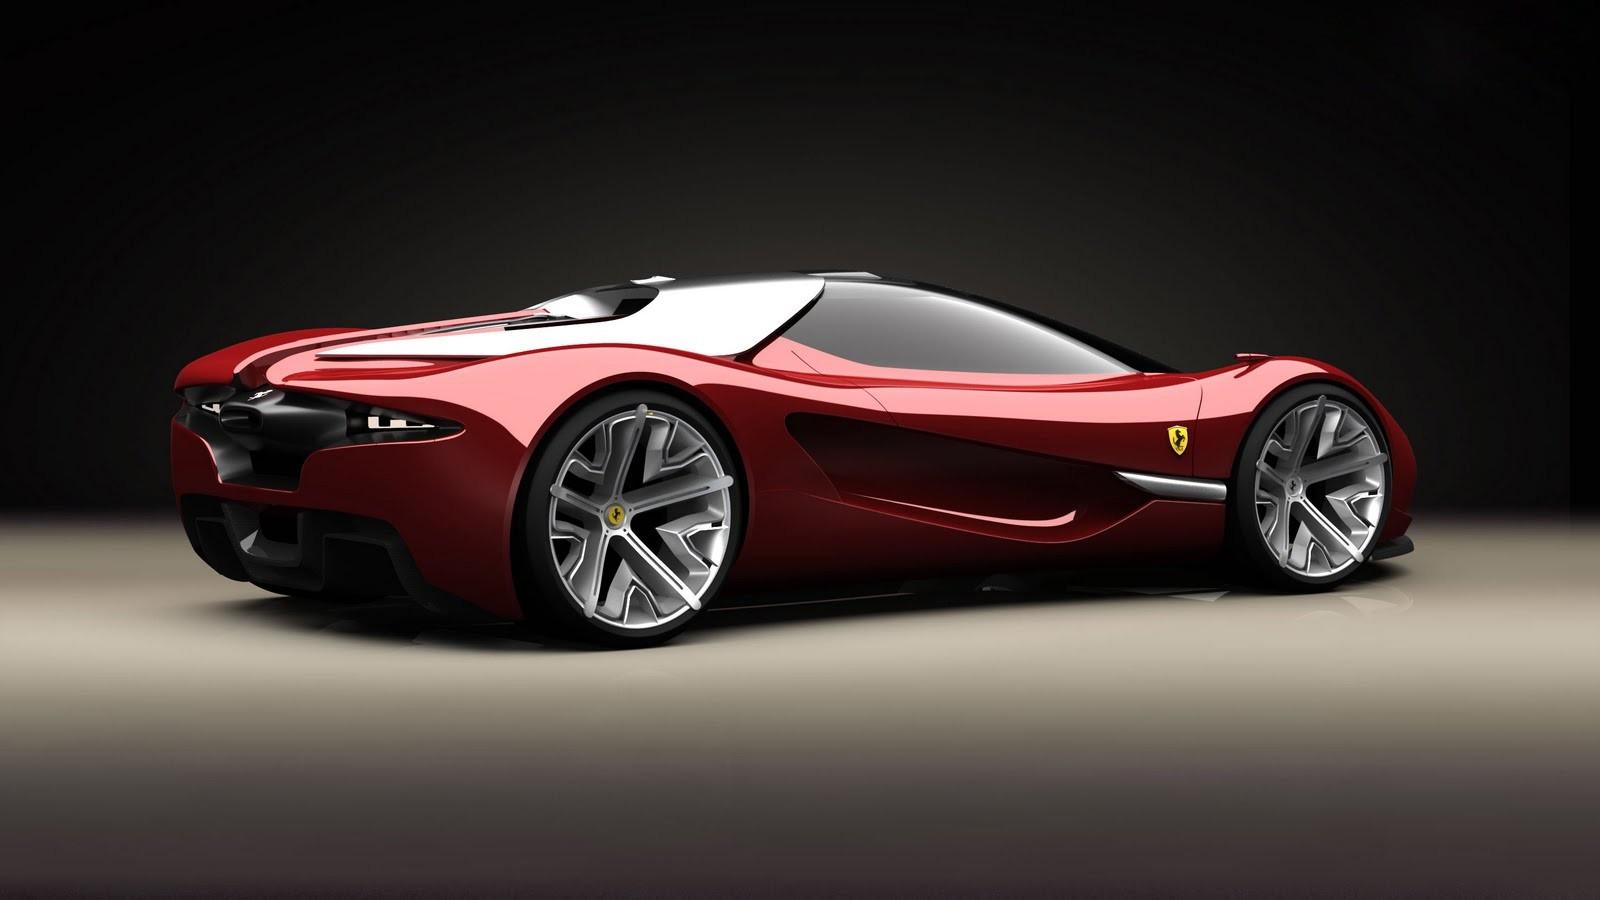 Download Ferrari Supercars Wallpaper 1600x900 Wallpoper 1600x900